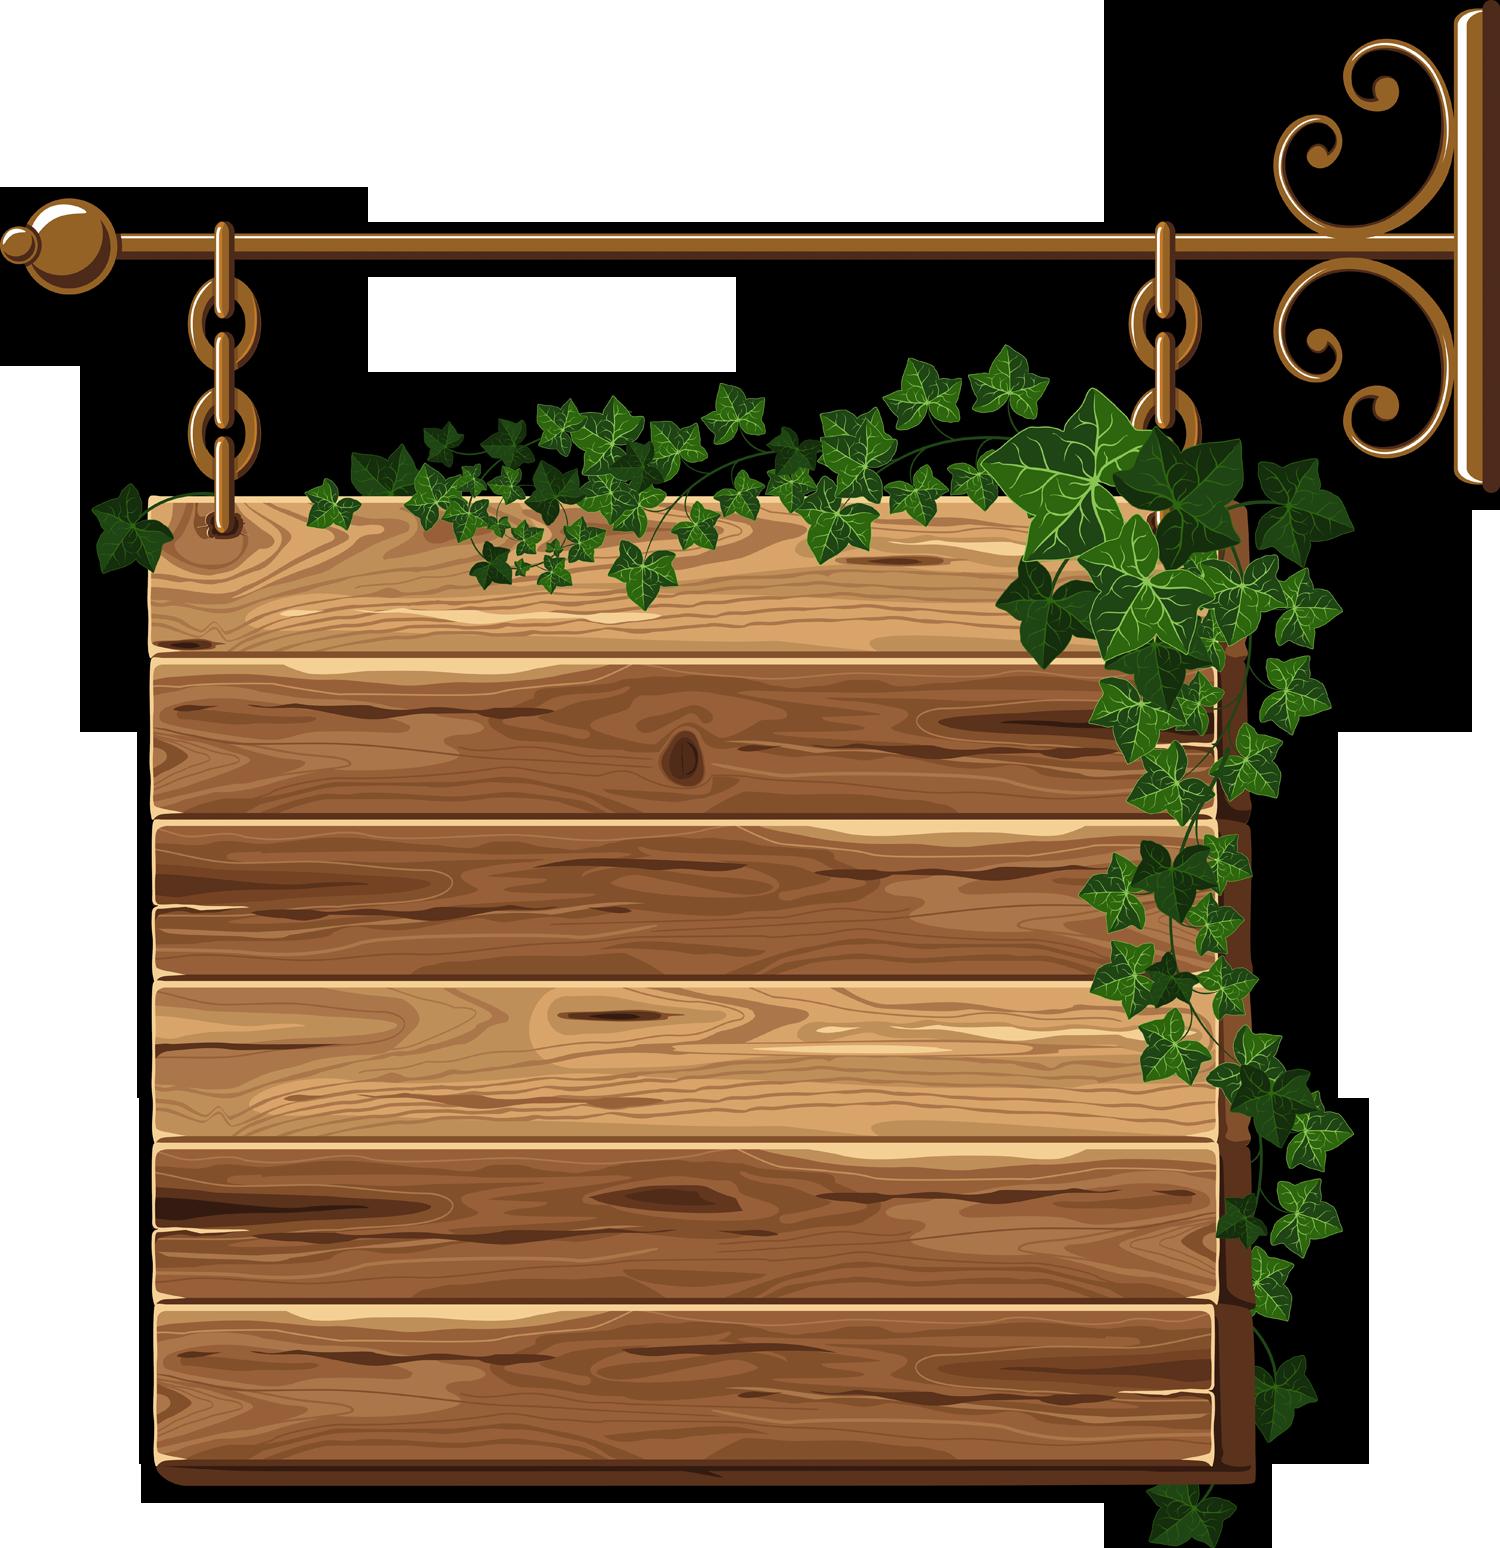 Resultado de imagen para marcos de madera png etiquetas listas y notas pinterest marcos - Marcos de madera ...